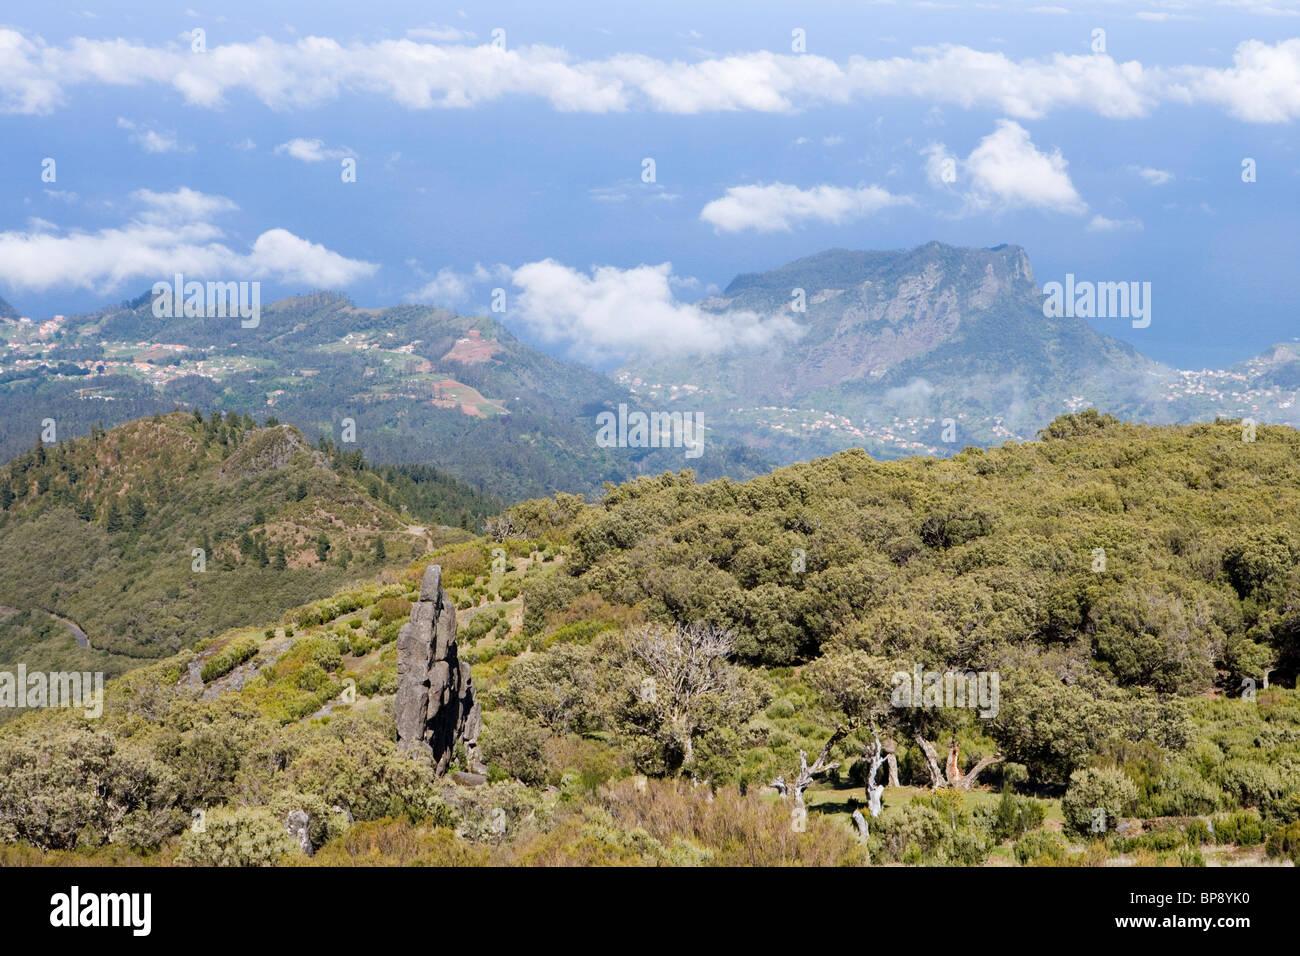 Homem em Pe (Standing Man) Rock Formation, Achada do Teixeira, Madeira, Portugal - Stock Image